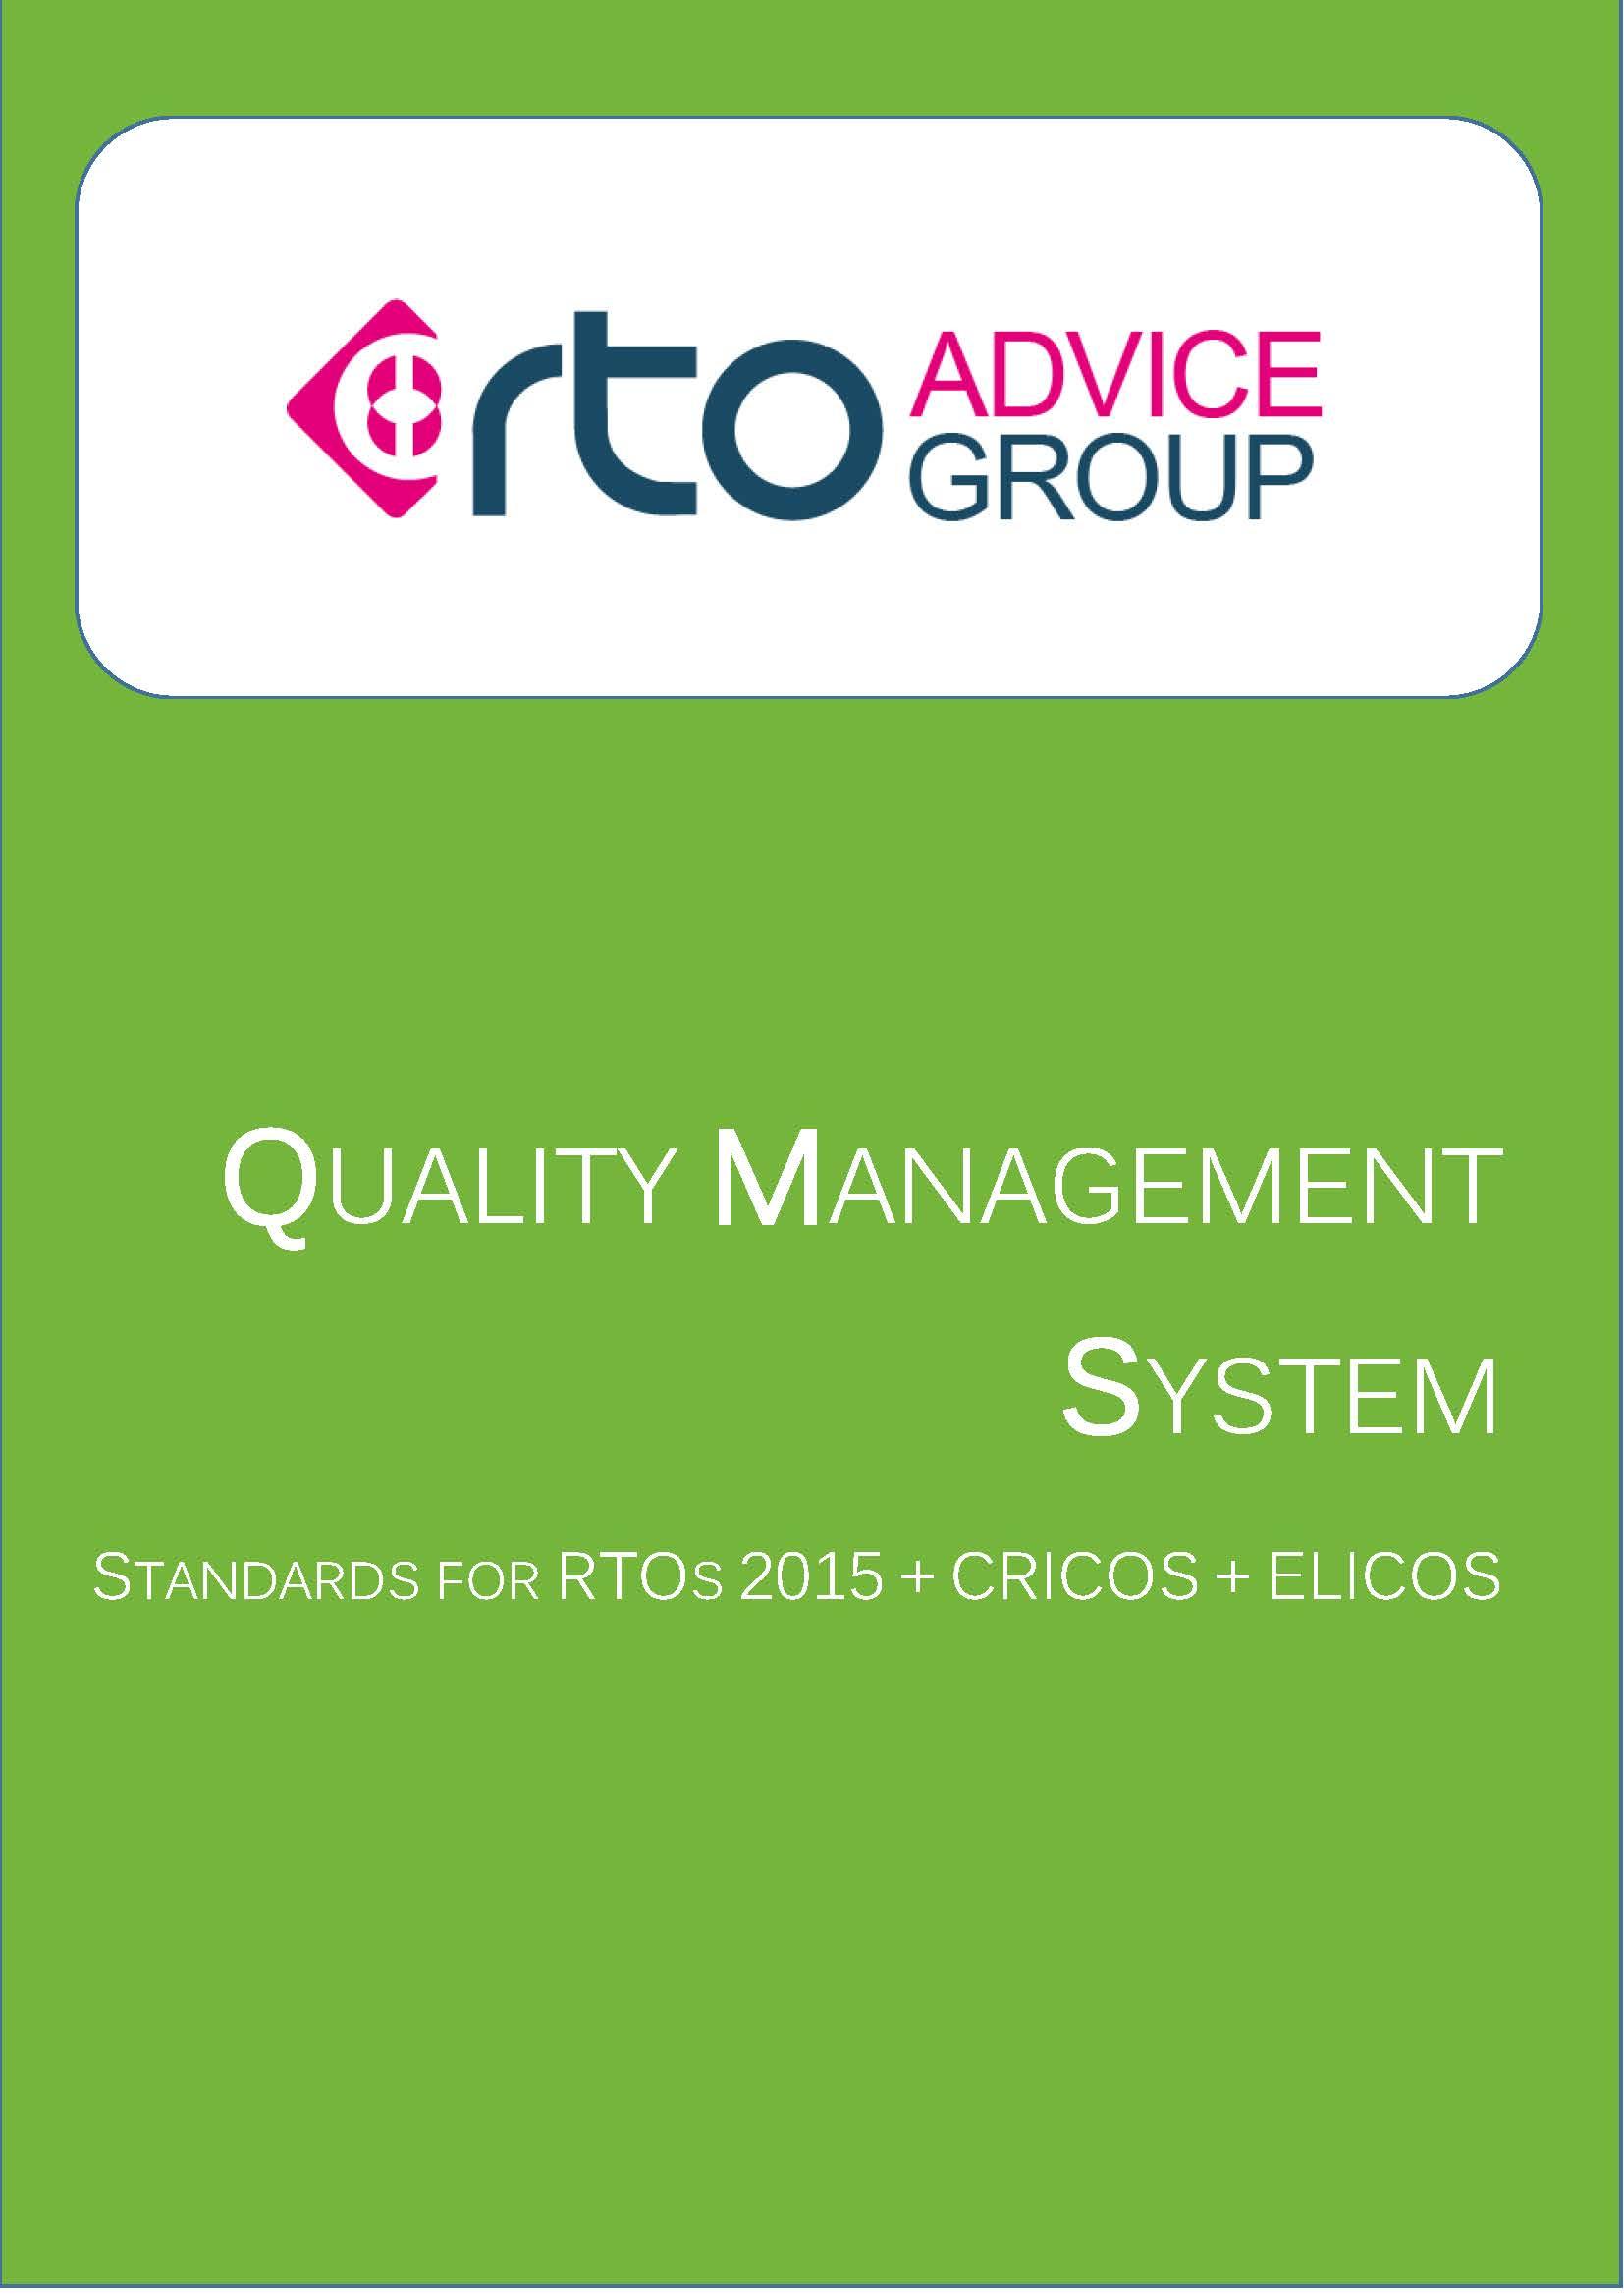 Quality Management System – Standards for RTOs 2015 + CRICOS + ELICOS 2018